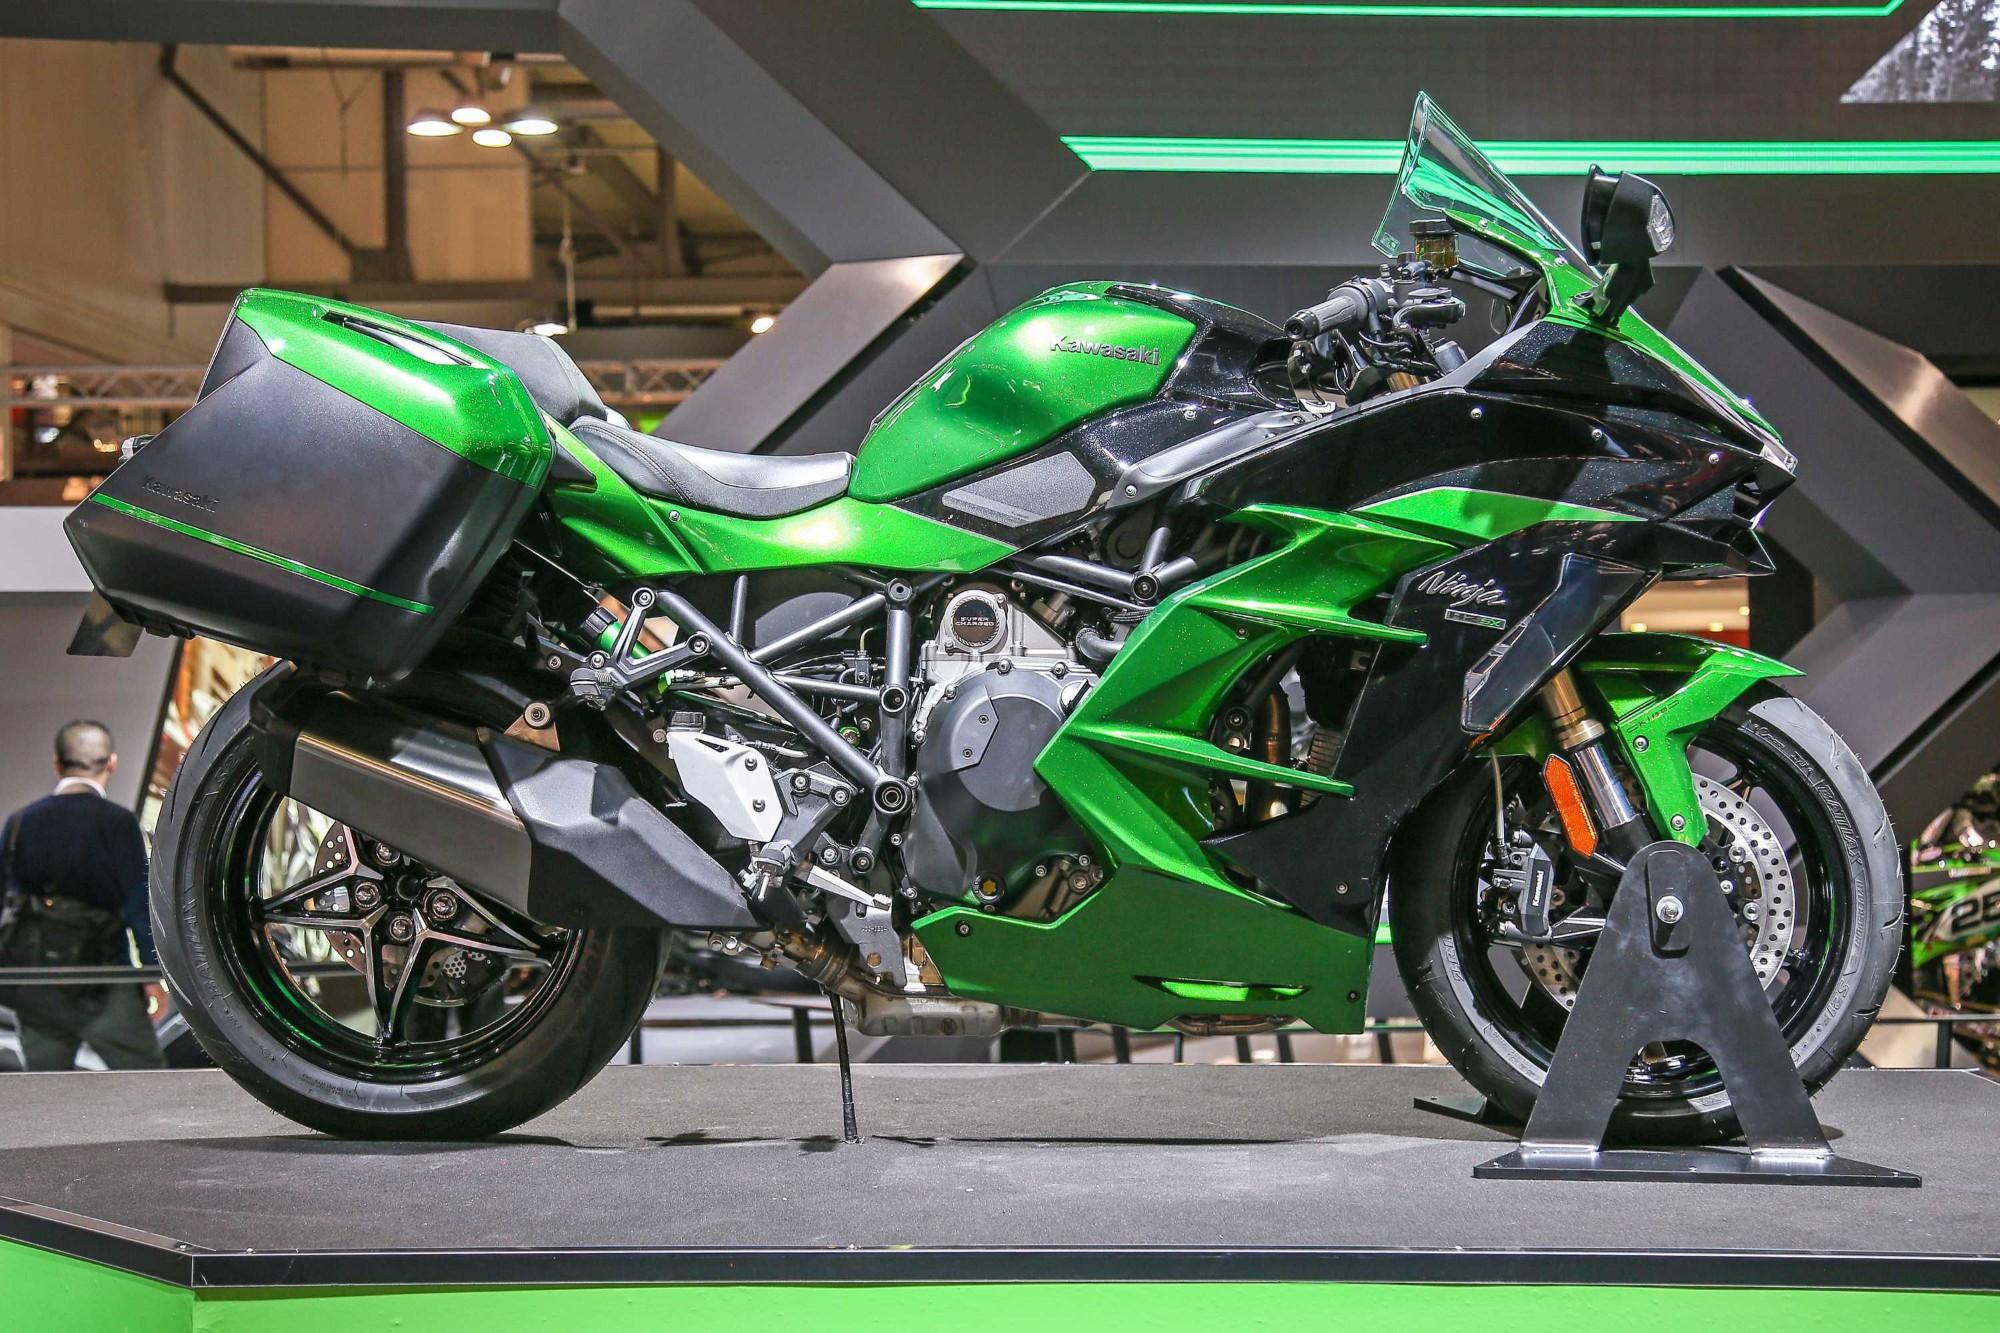 Aimexpo Kawasaki To Make Global And North American Debuts